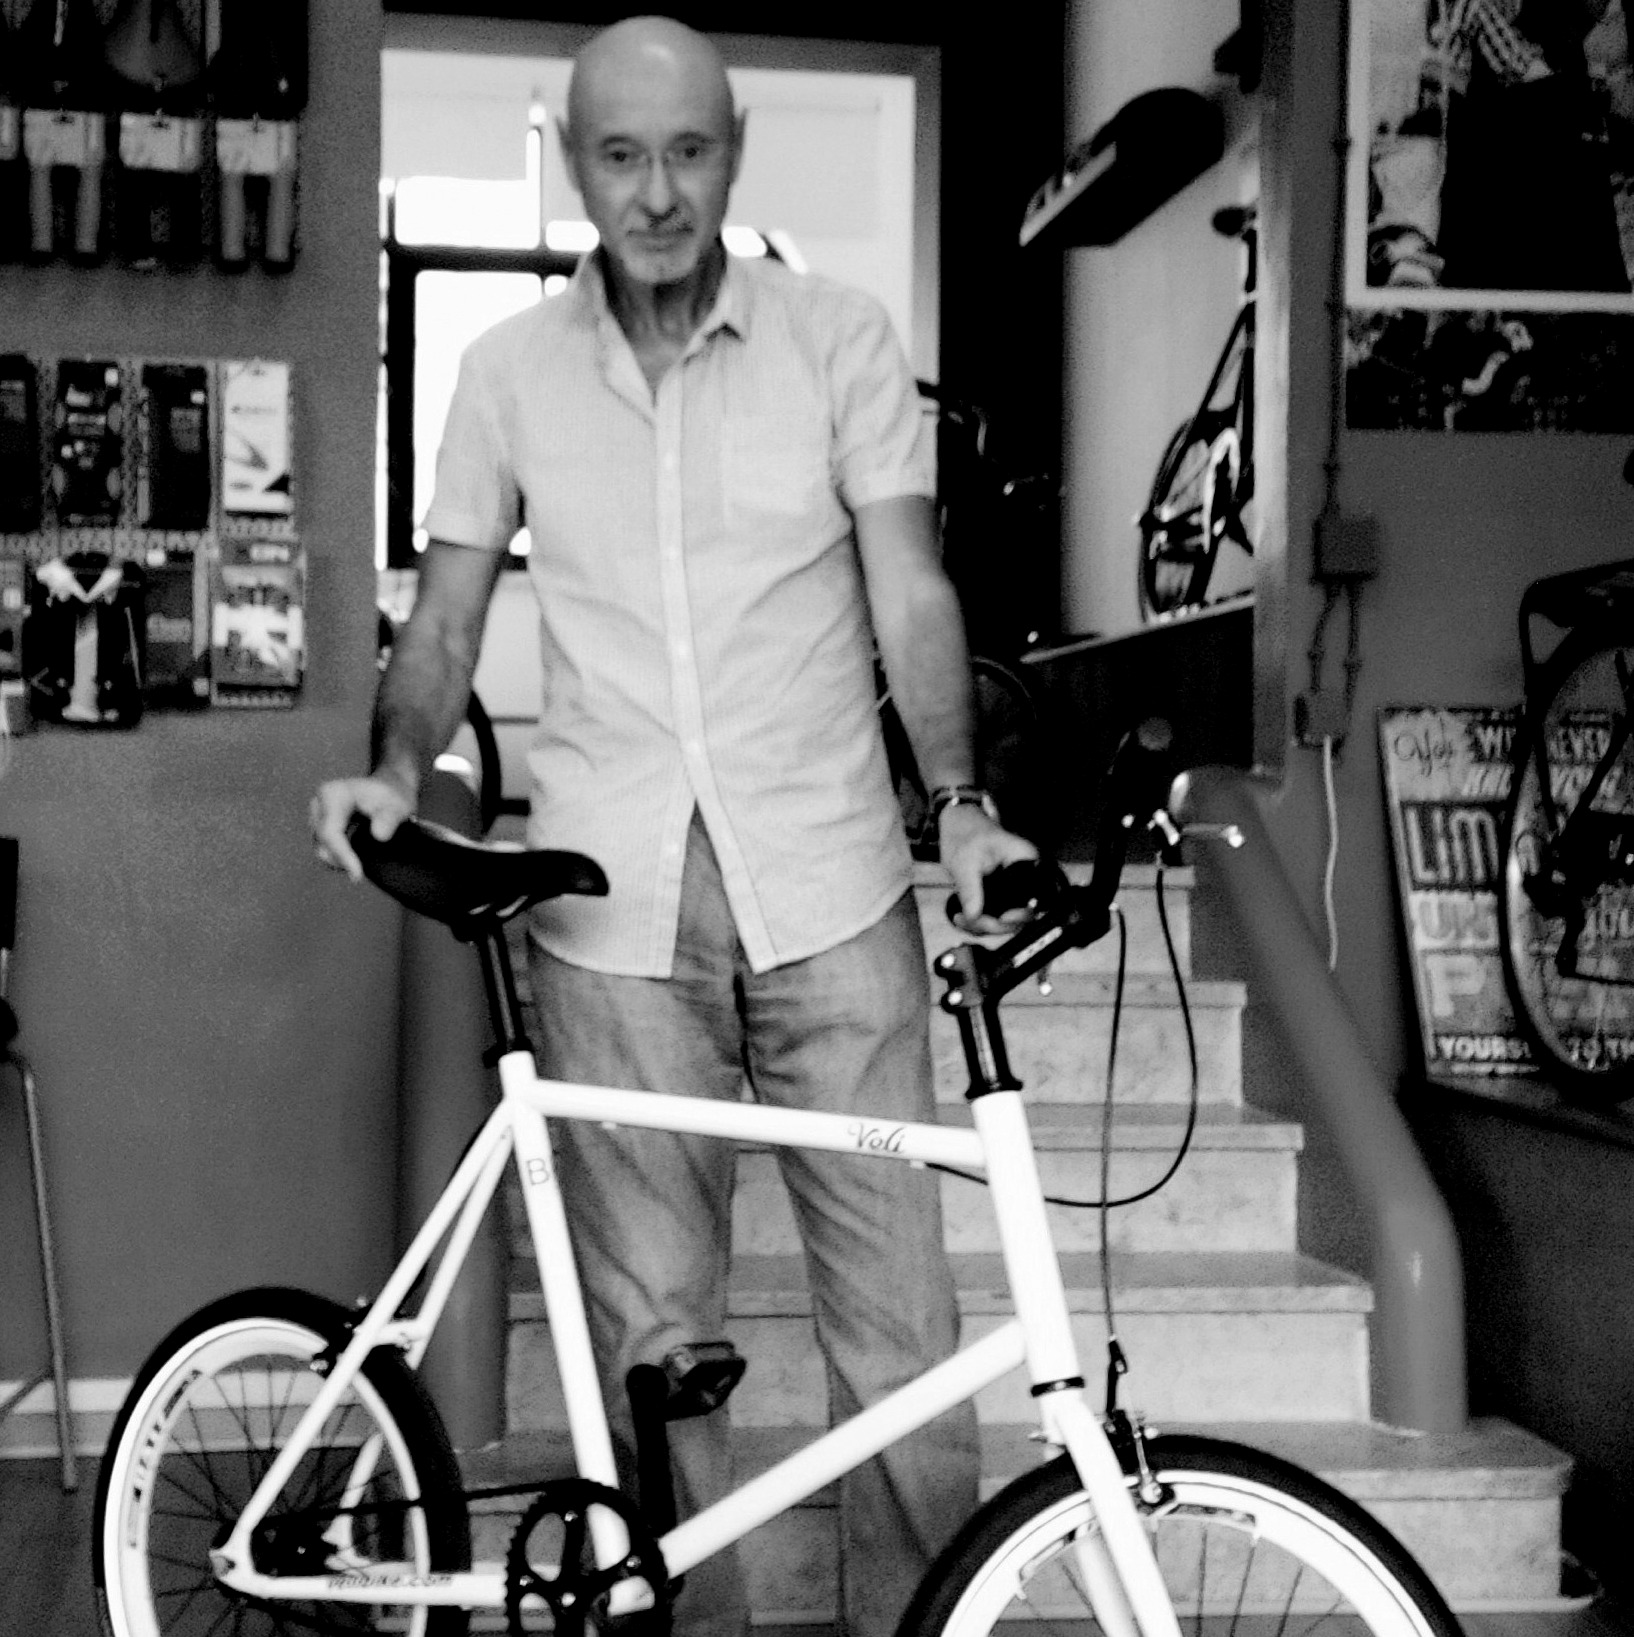 Carlos | Véli bike